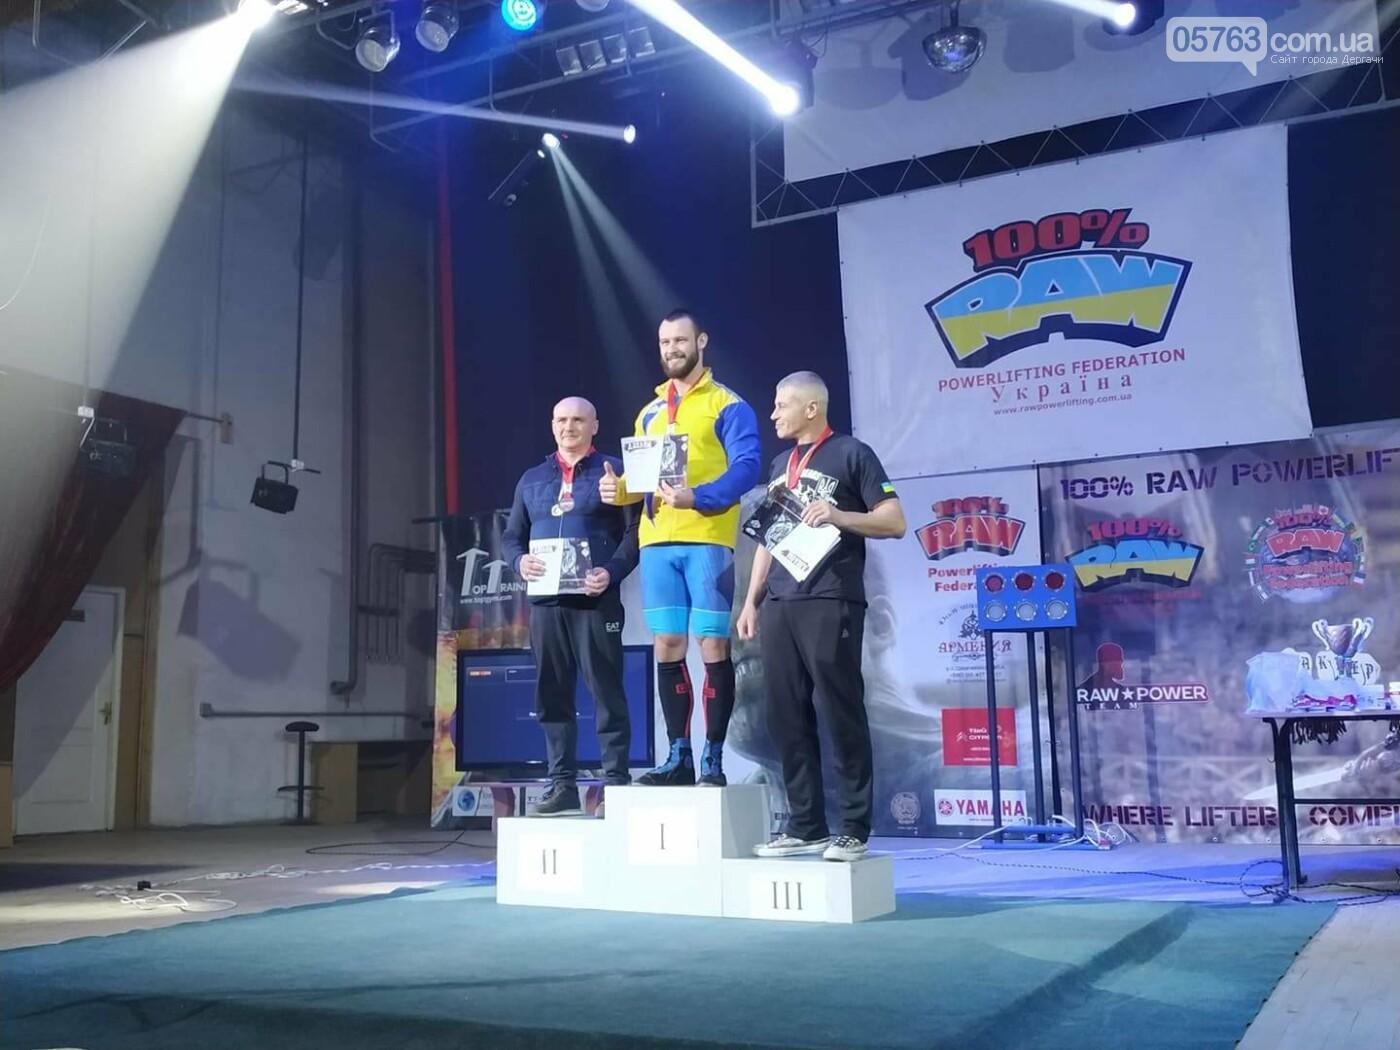 В Дергачах відбувся Всеукраїнський турнір з пауерліфтингу та жиму штанги лежачи, фото-5